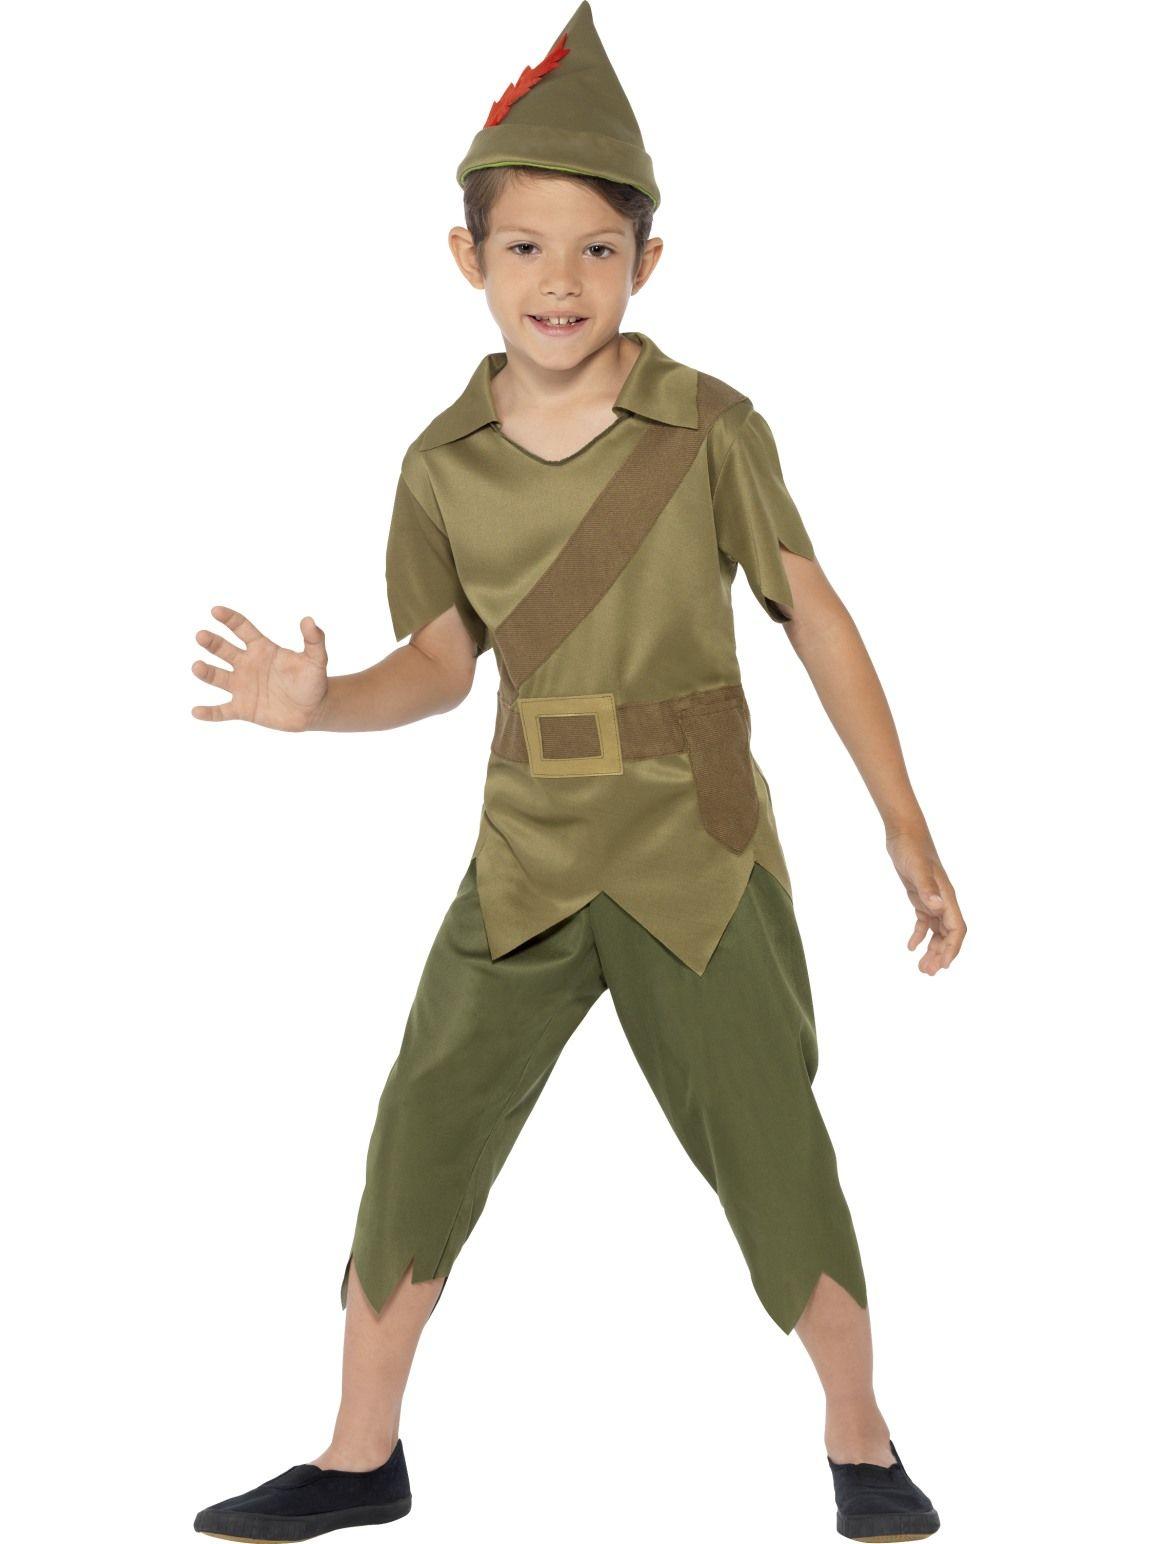 Kid's Peter Pan or Robin Hood costume